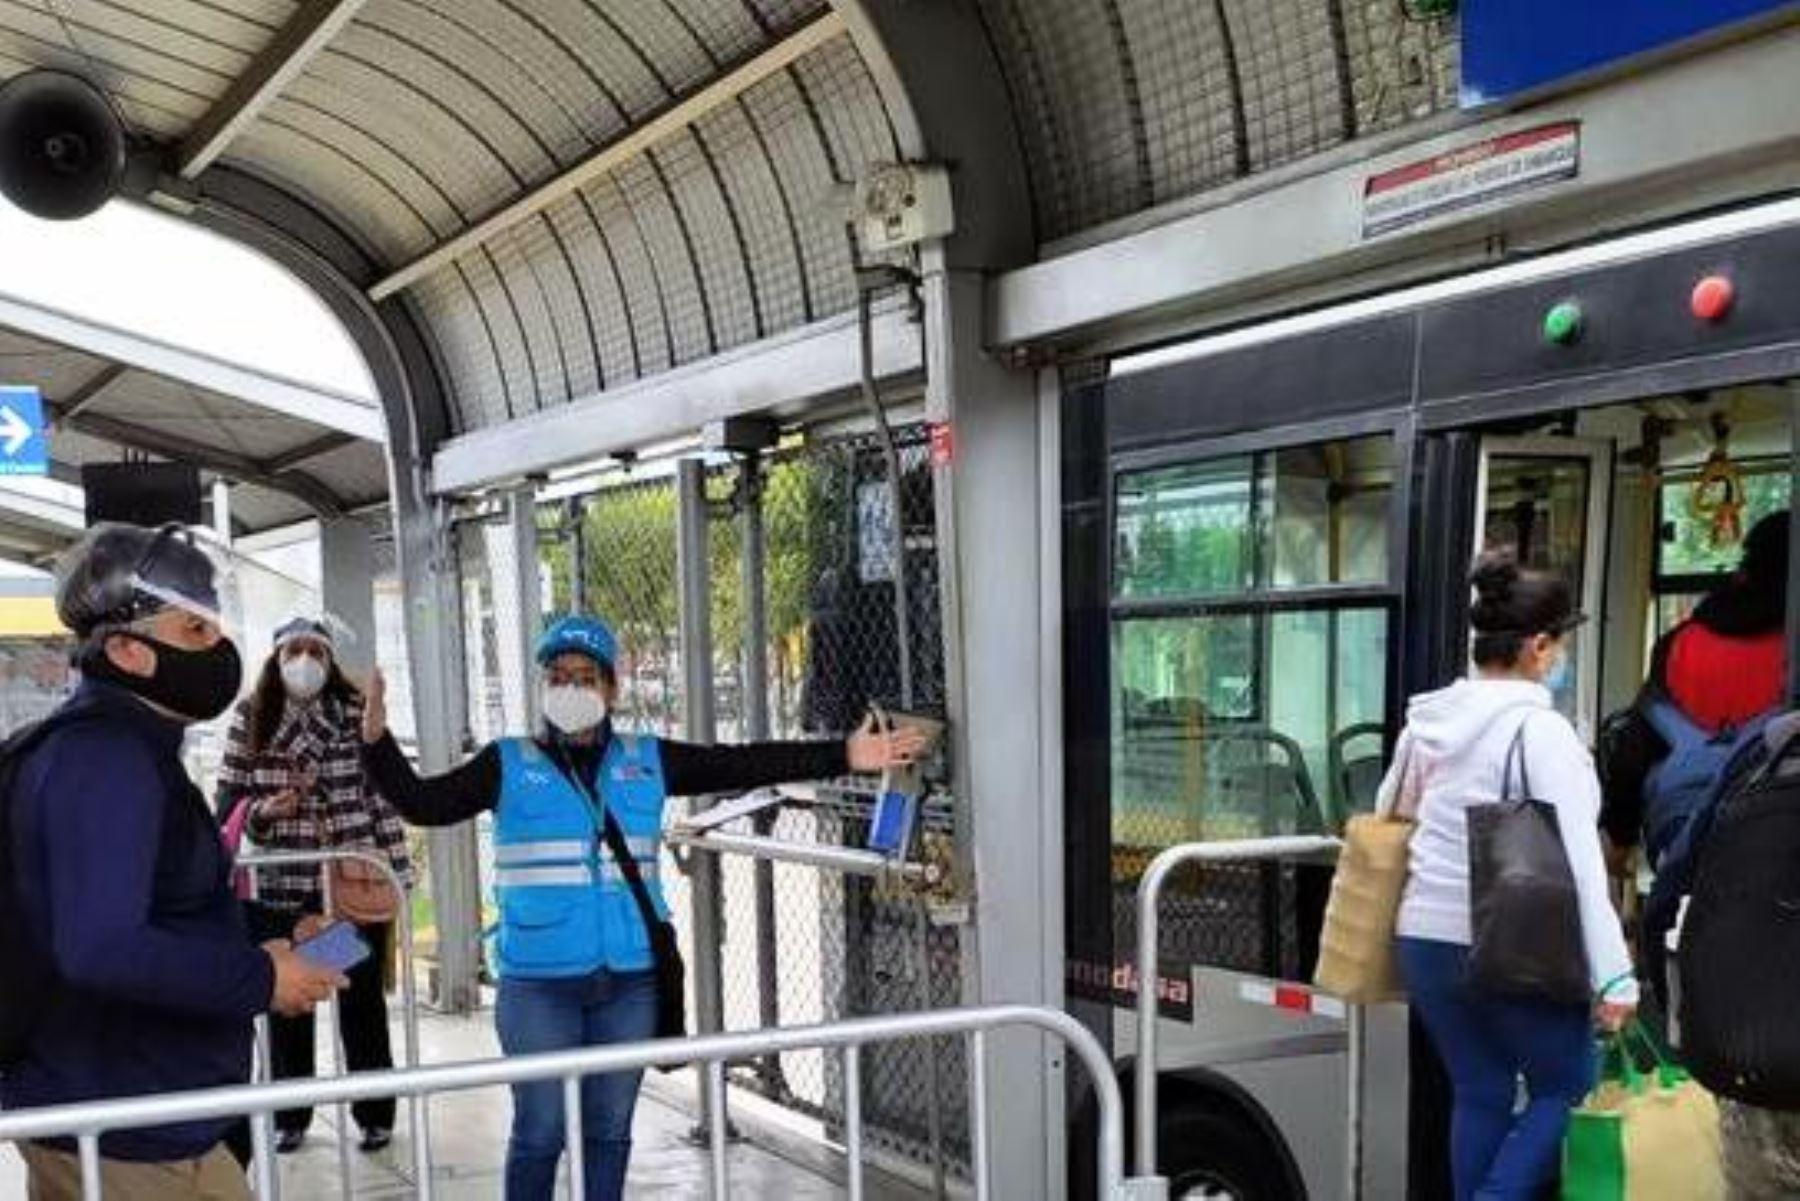 Metropolitano: desde el lunes se ampliará el horario de los servicios expresos. Foto: ANDINA/Difusión.